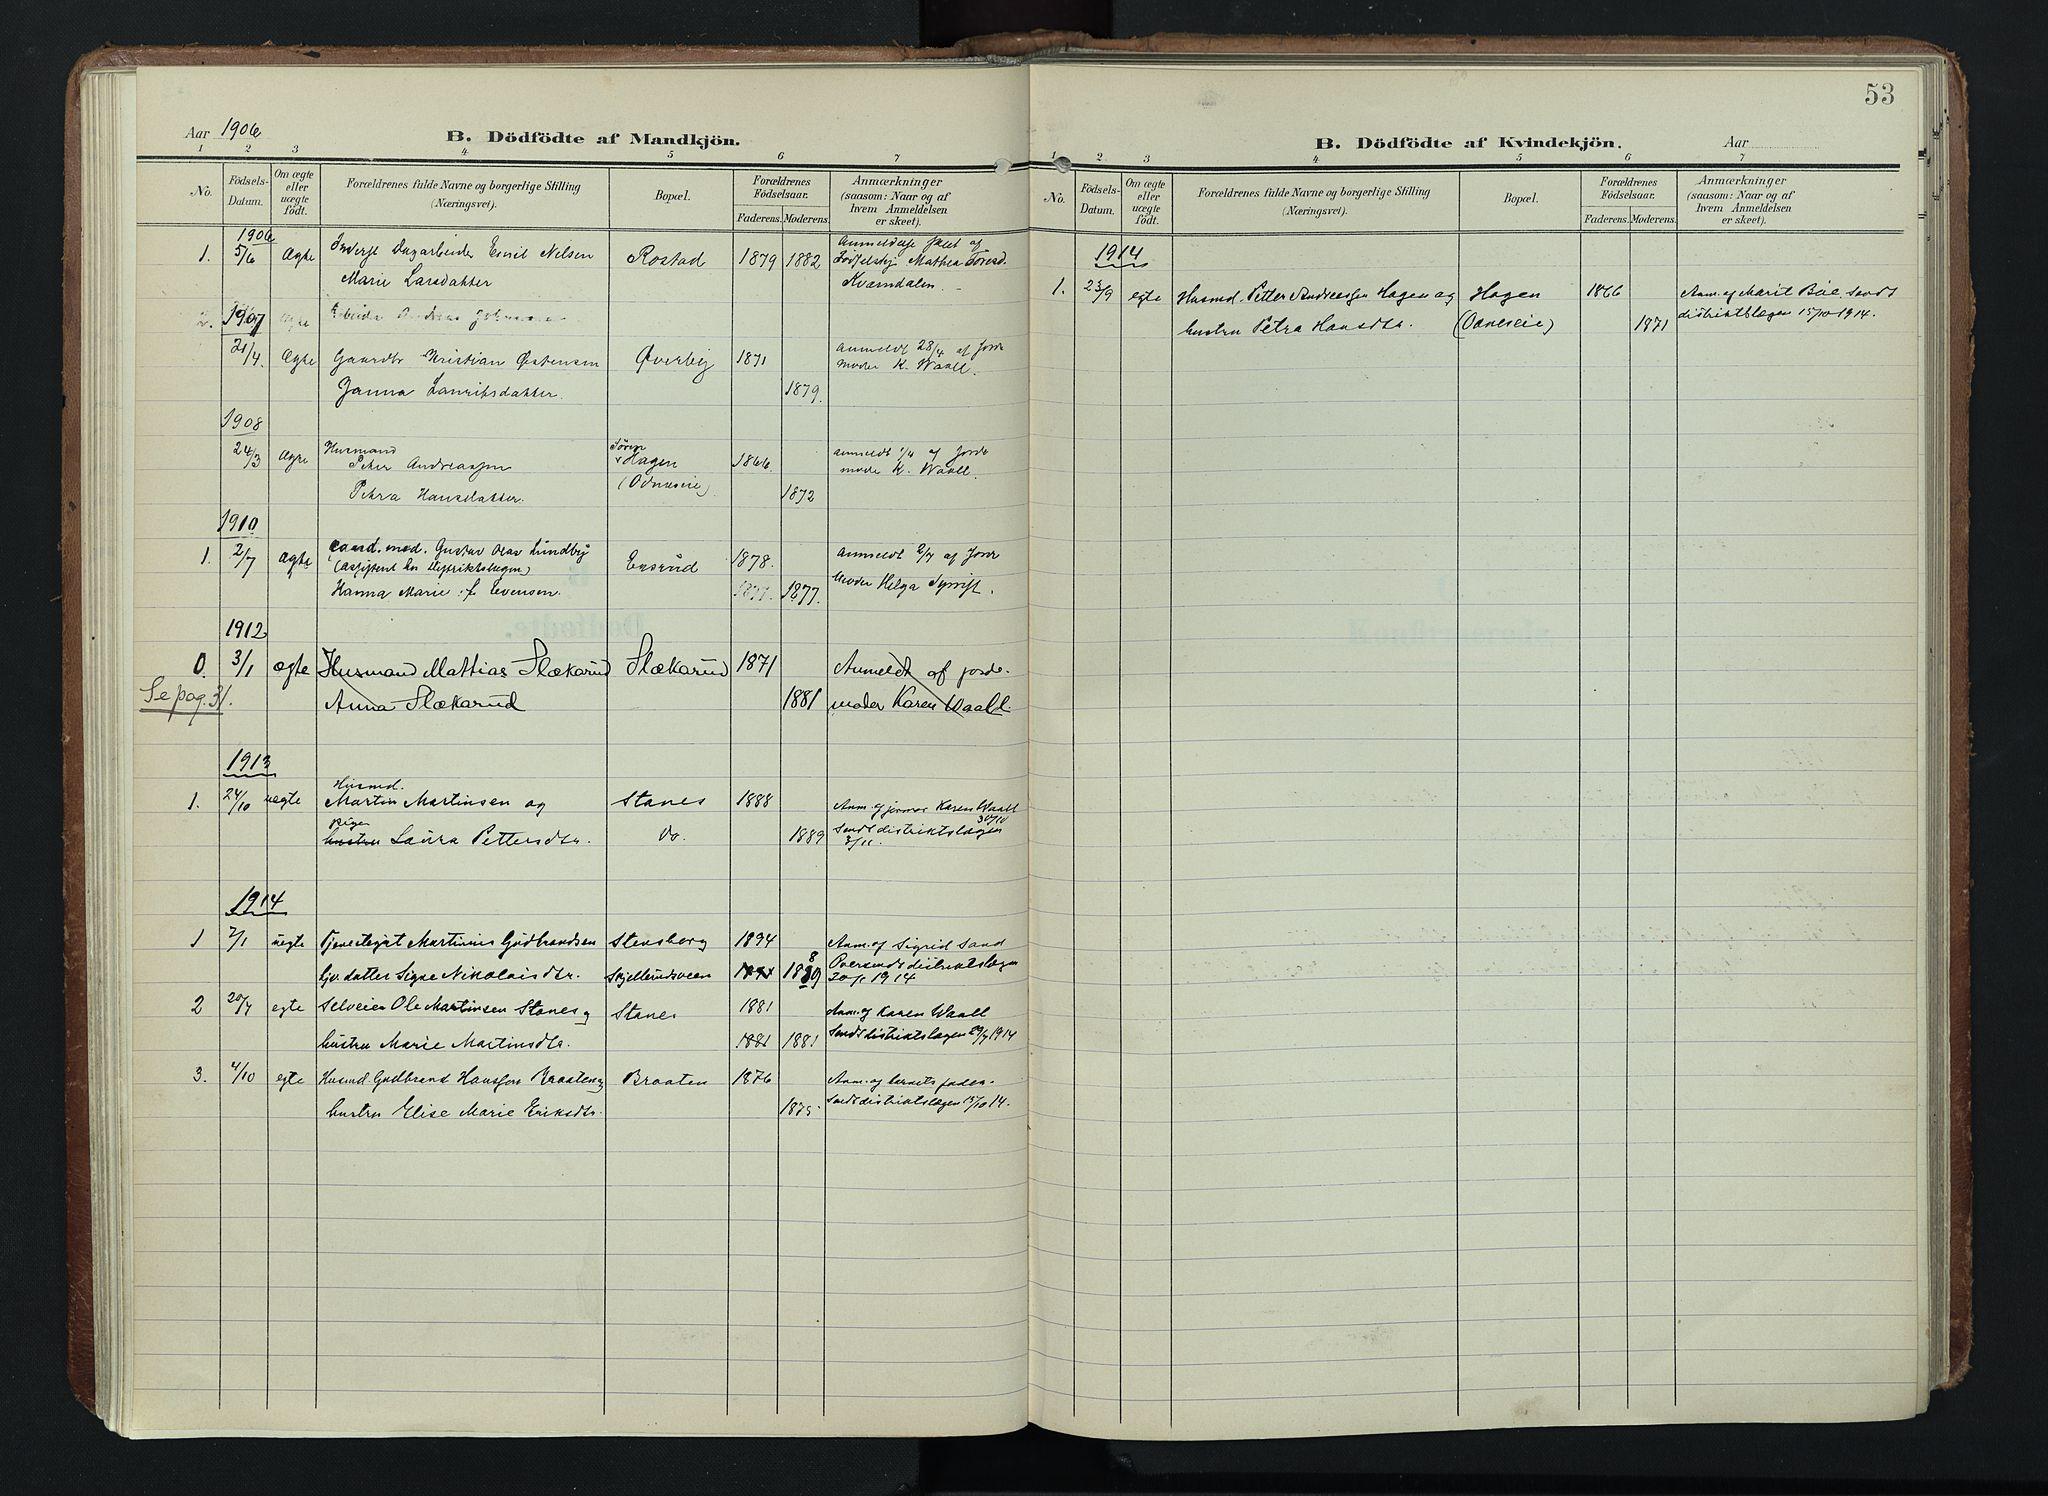 SAH, Søndre Land prestekontor, K/L0005: Ministerialbok nr. 5, 1905-1914, s. 53